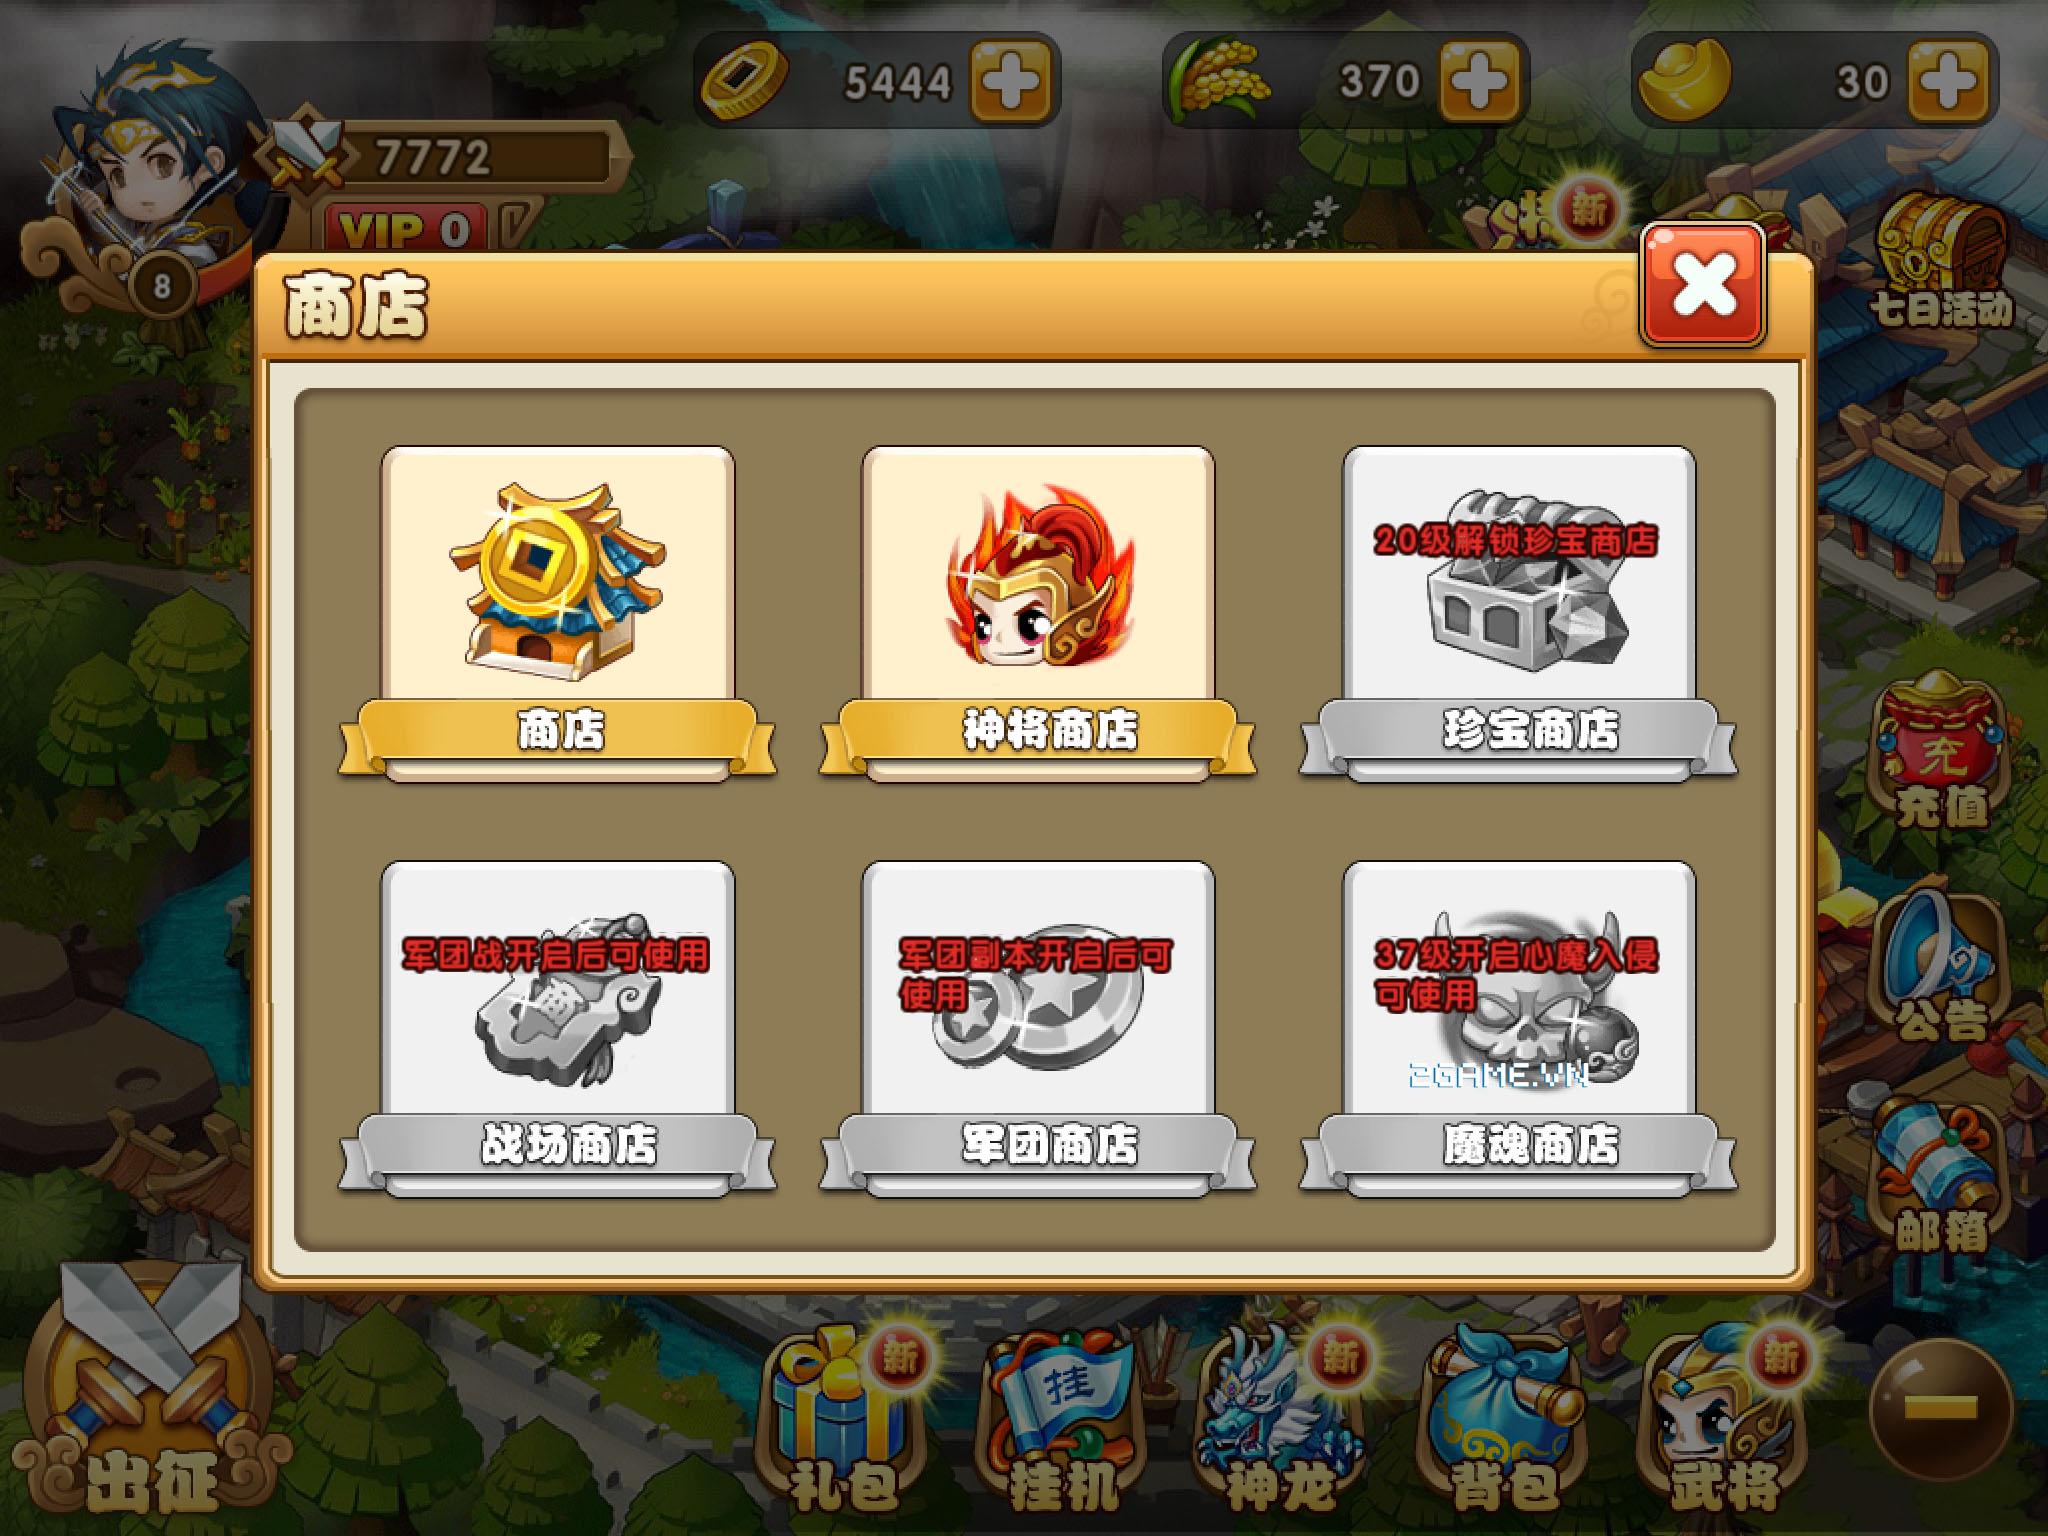 Ngọc Rồng Tam Quốc - Khi sử 3Q kết hợp cùng Dragon Ball 9